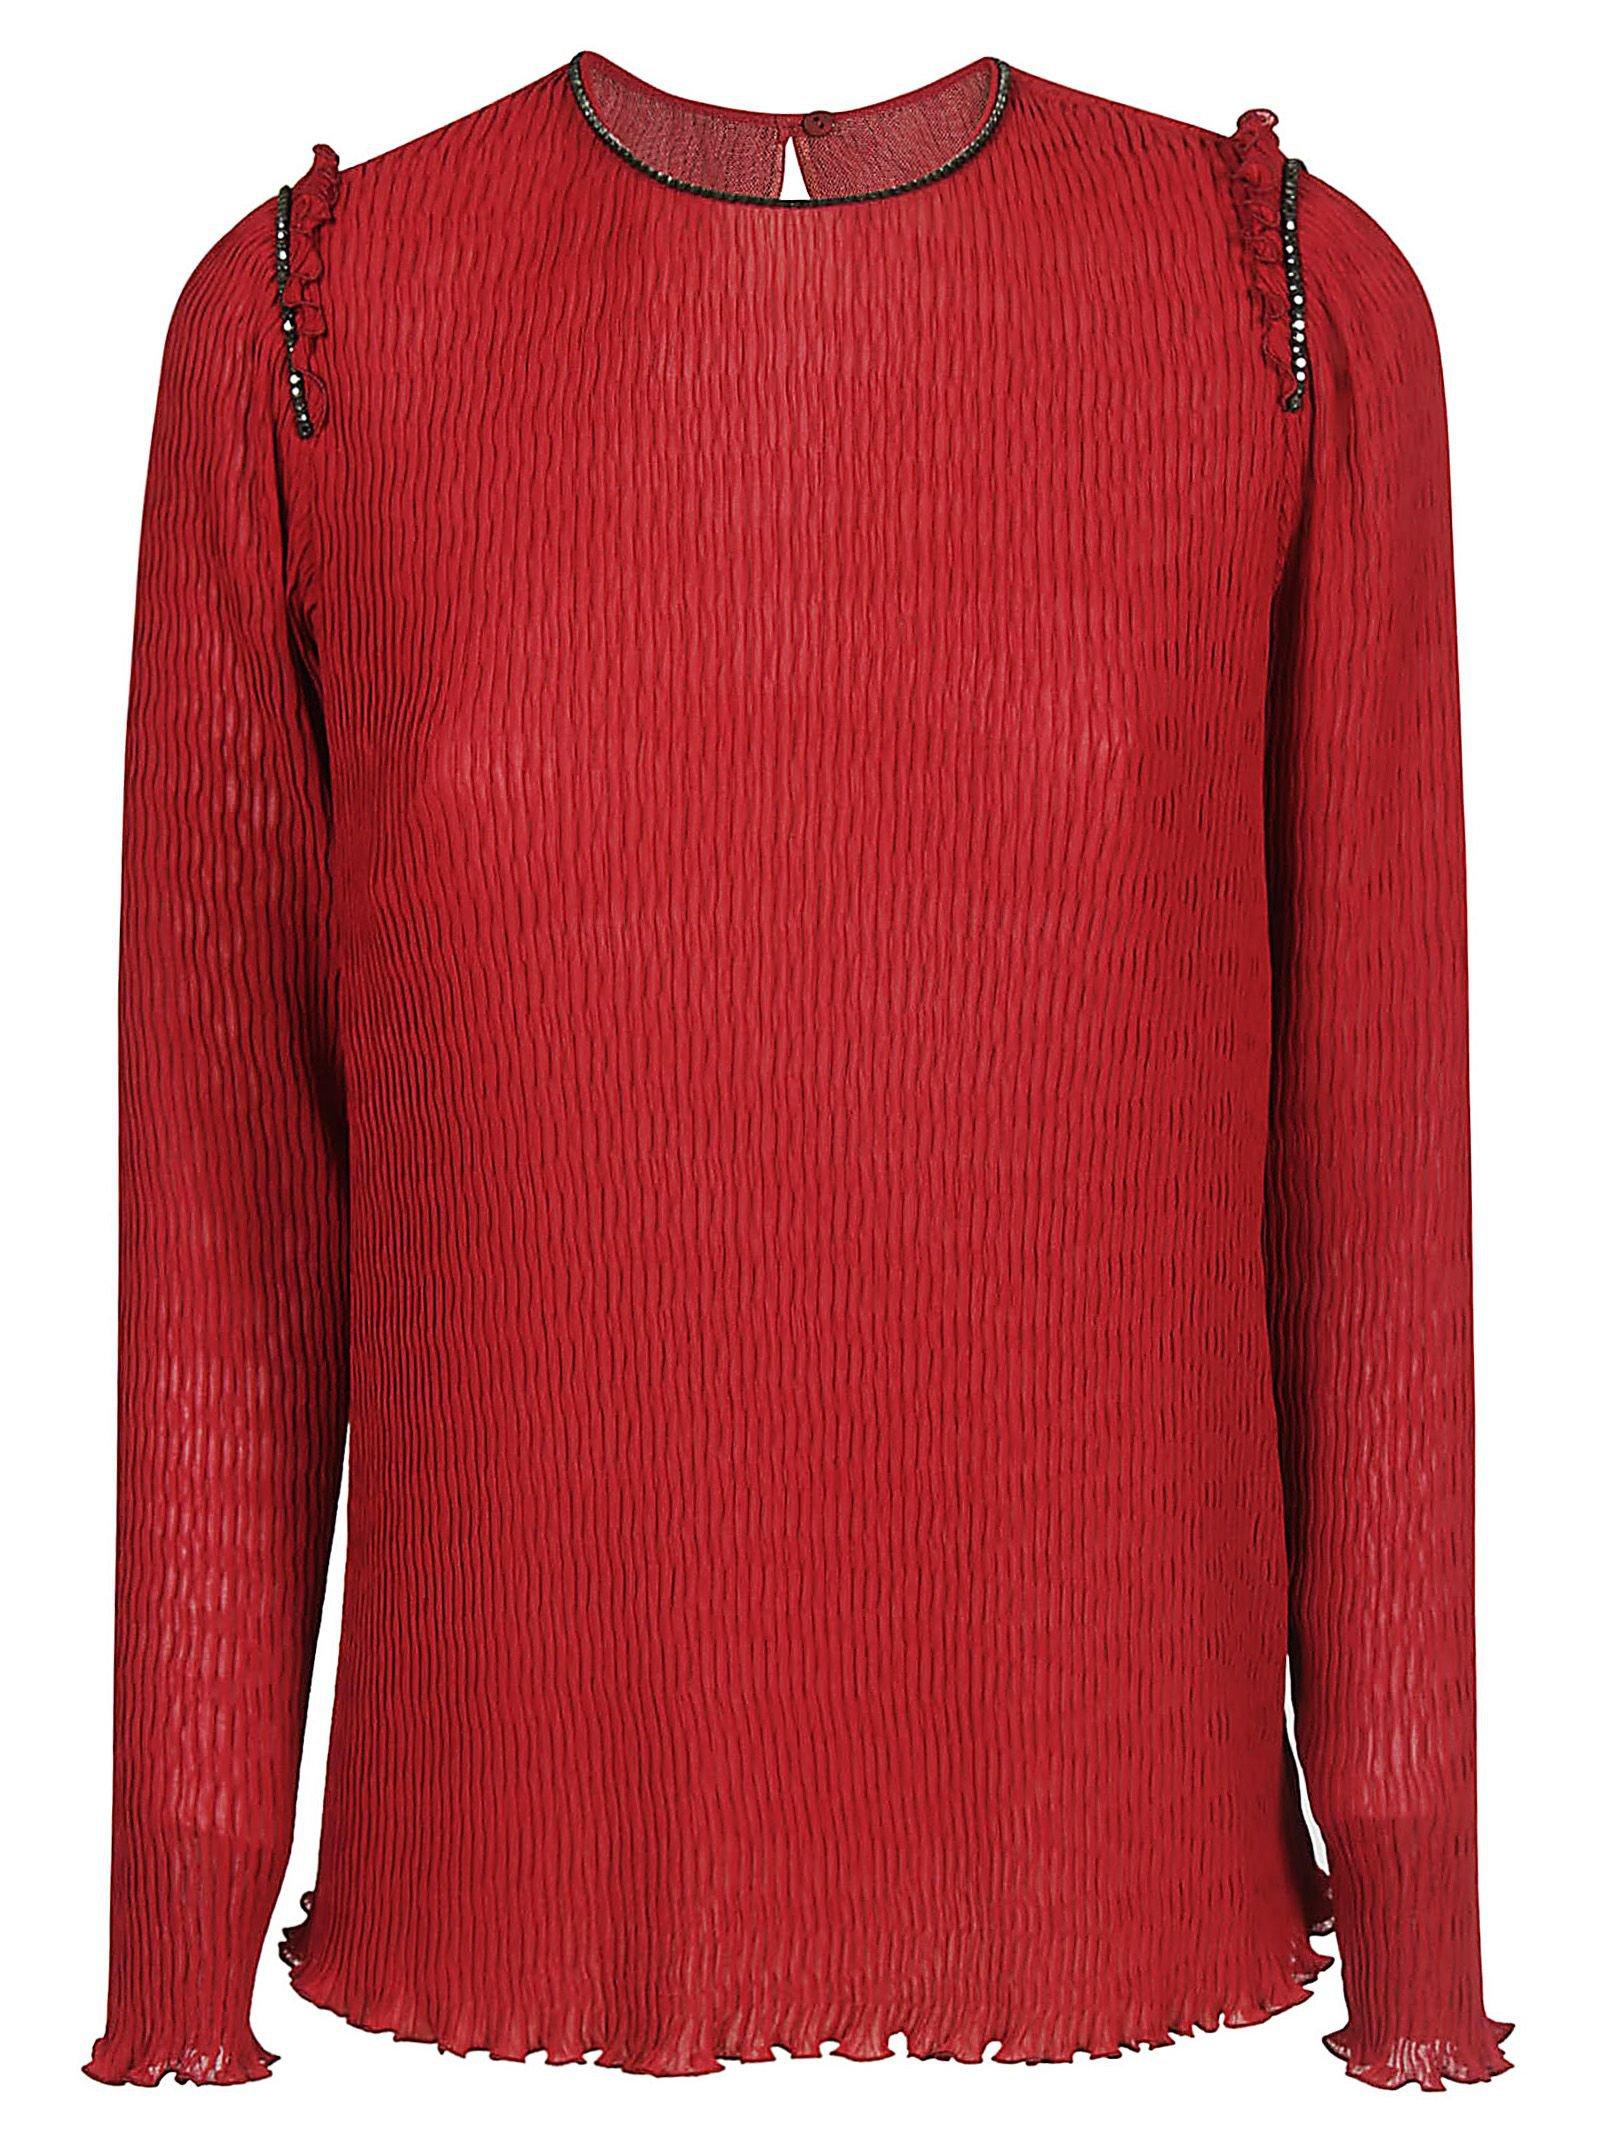 Max Mara Ruffled Sweater